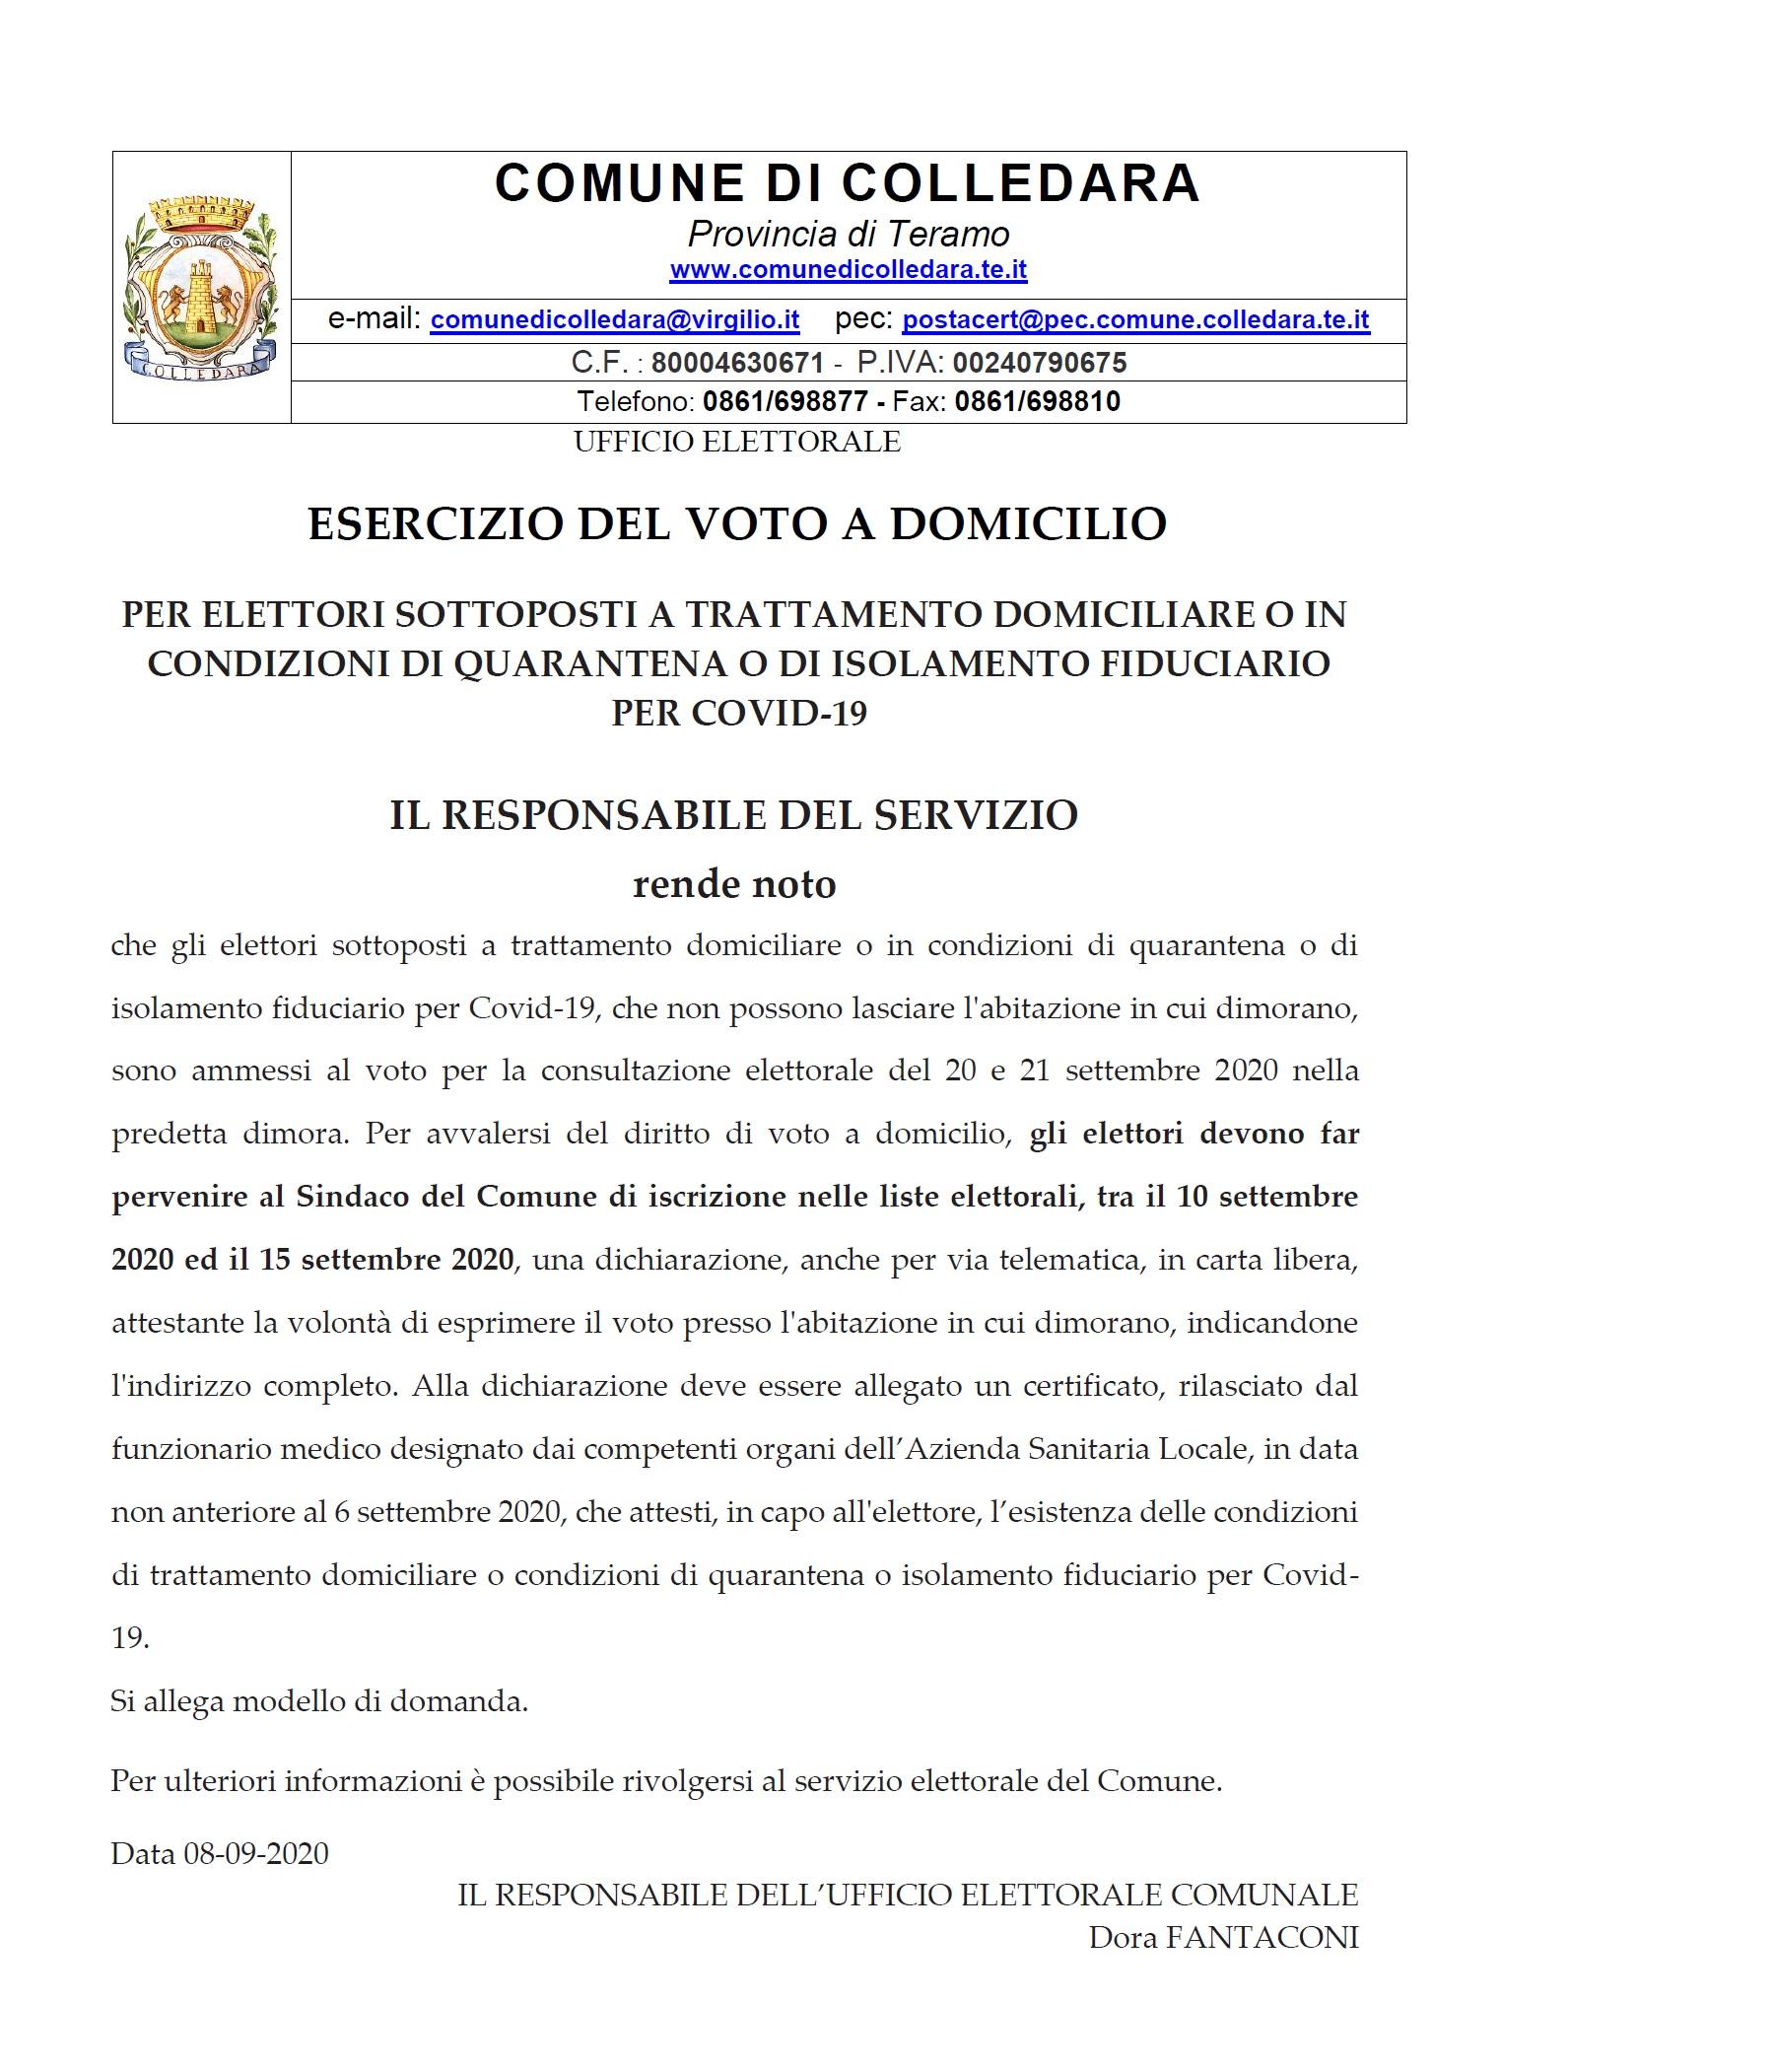 AVVISO_DIRITTO_DI_VOTO_DOMICILIO_-_COVID-19